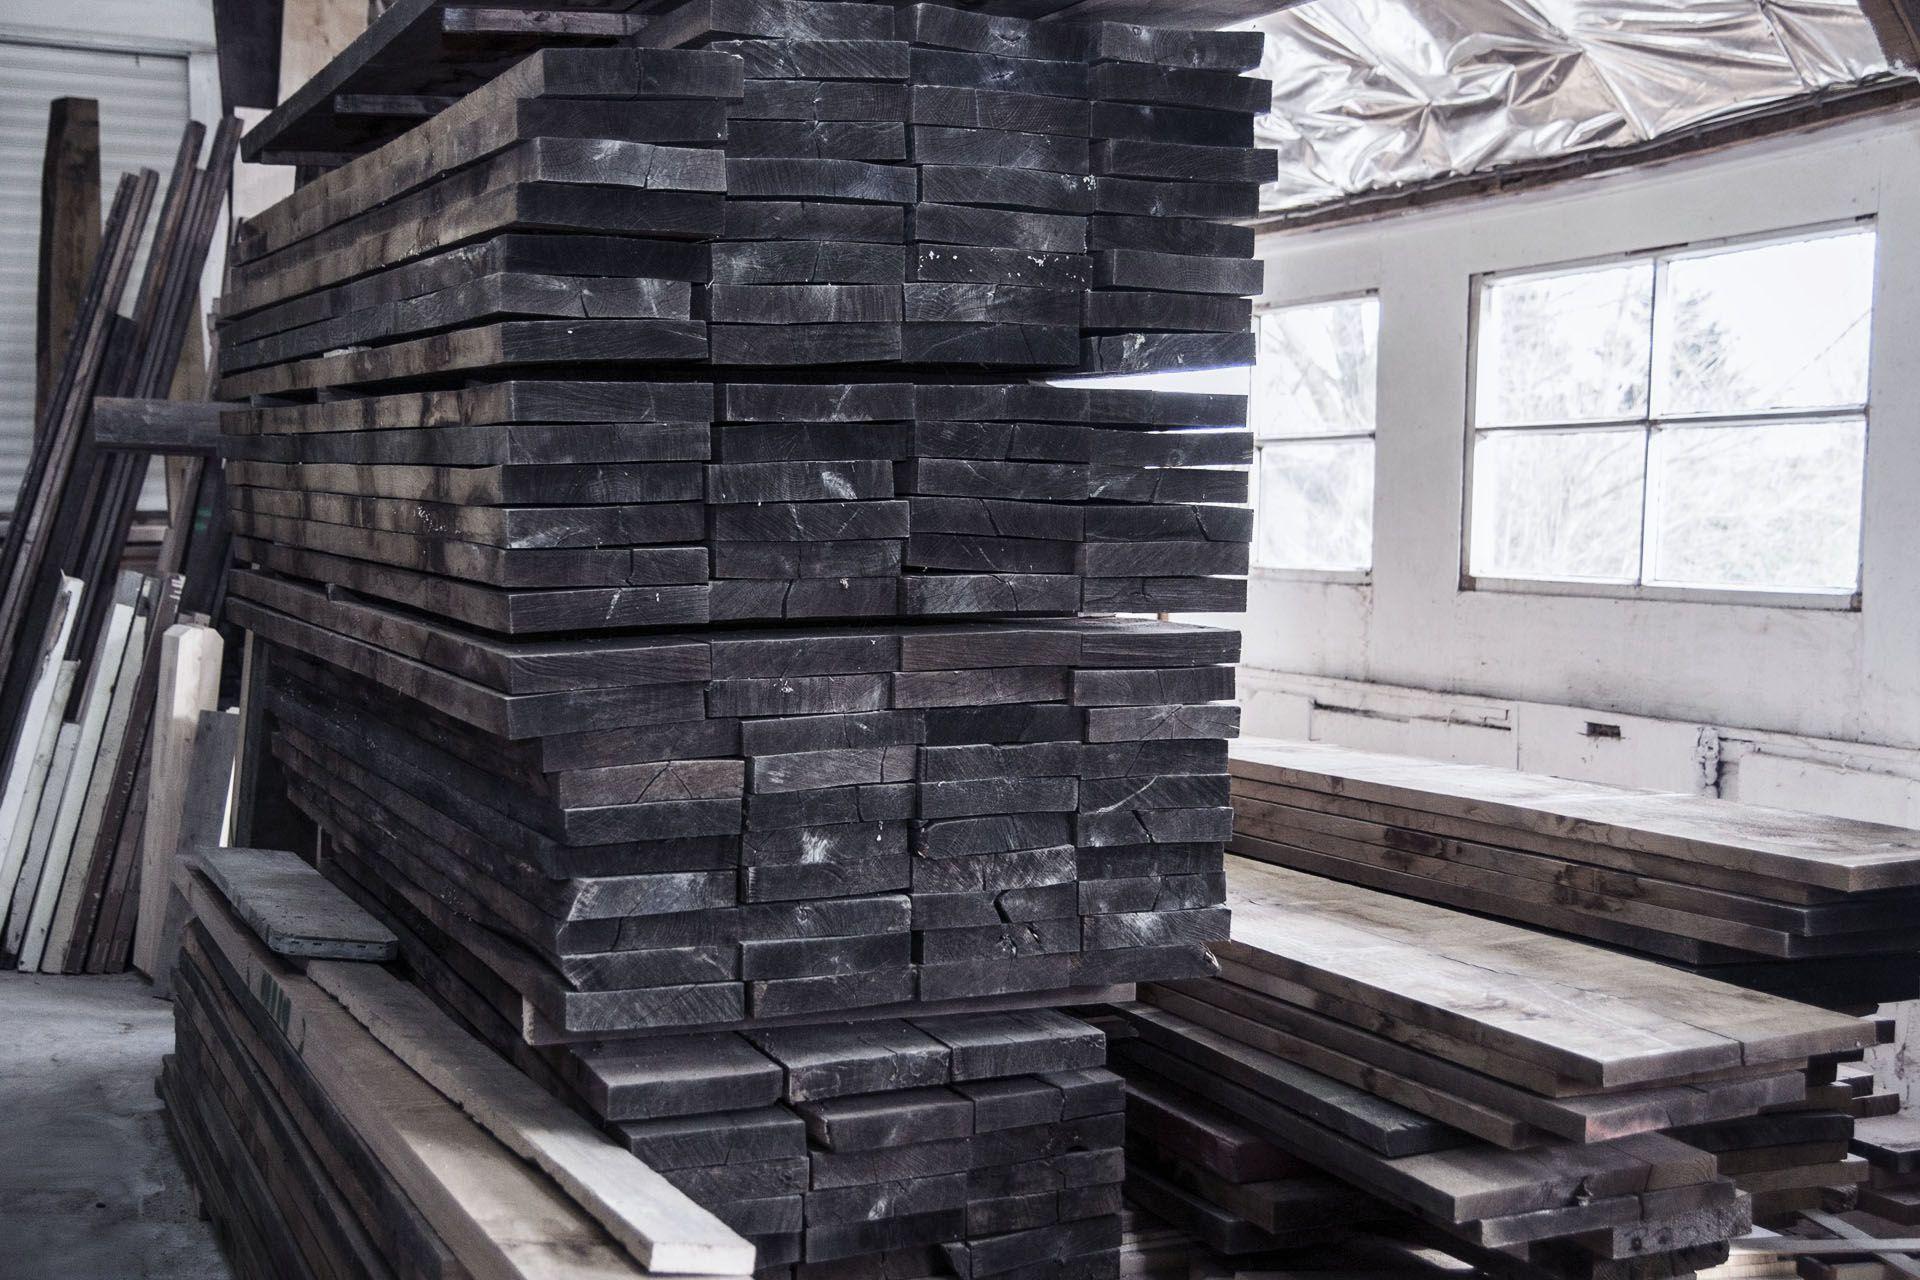 meubelmakerij mattijssen